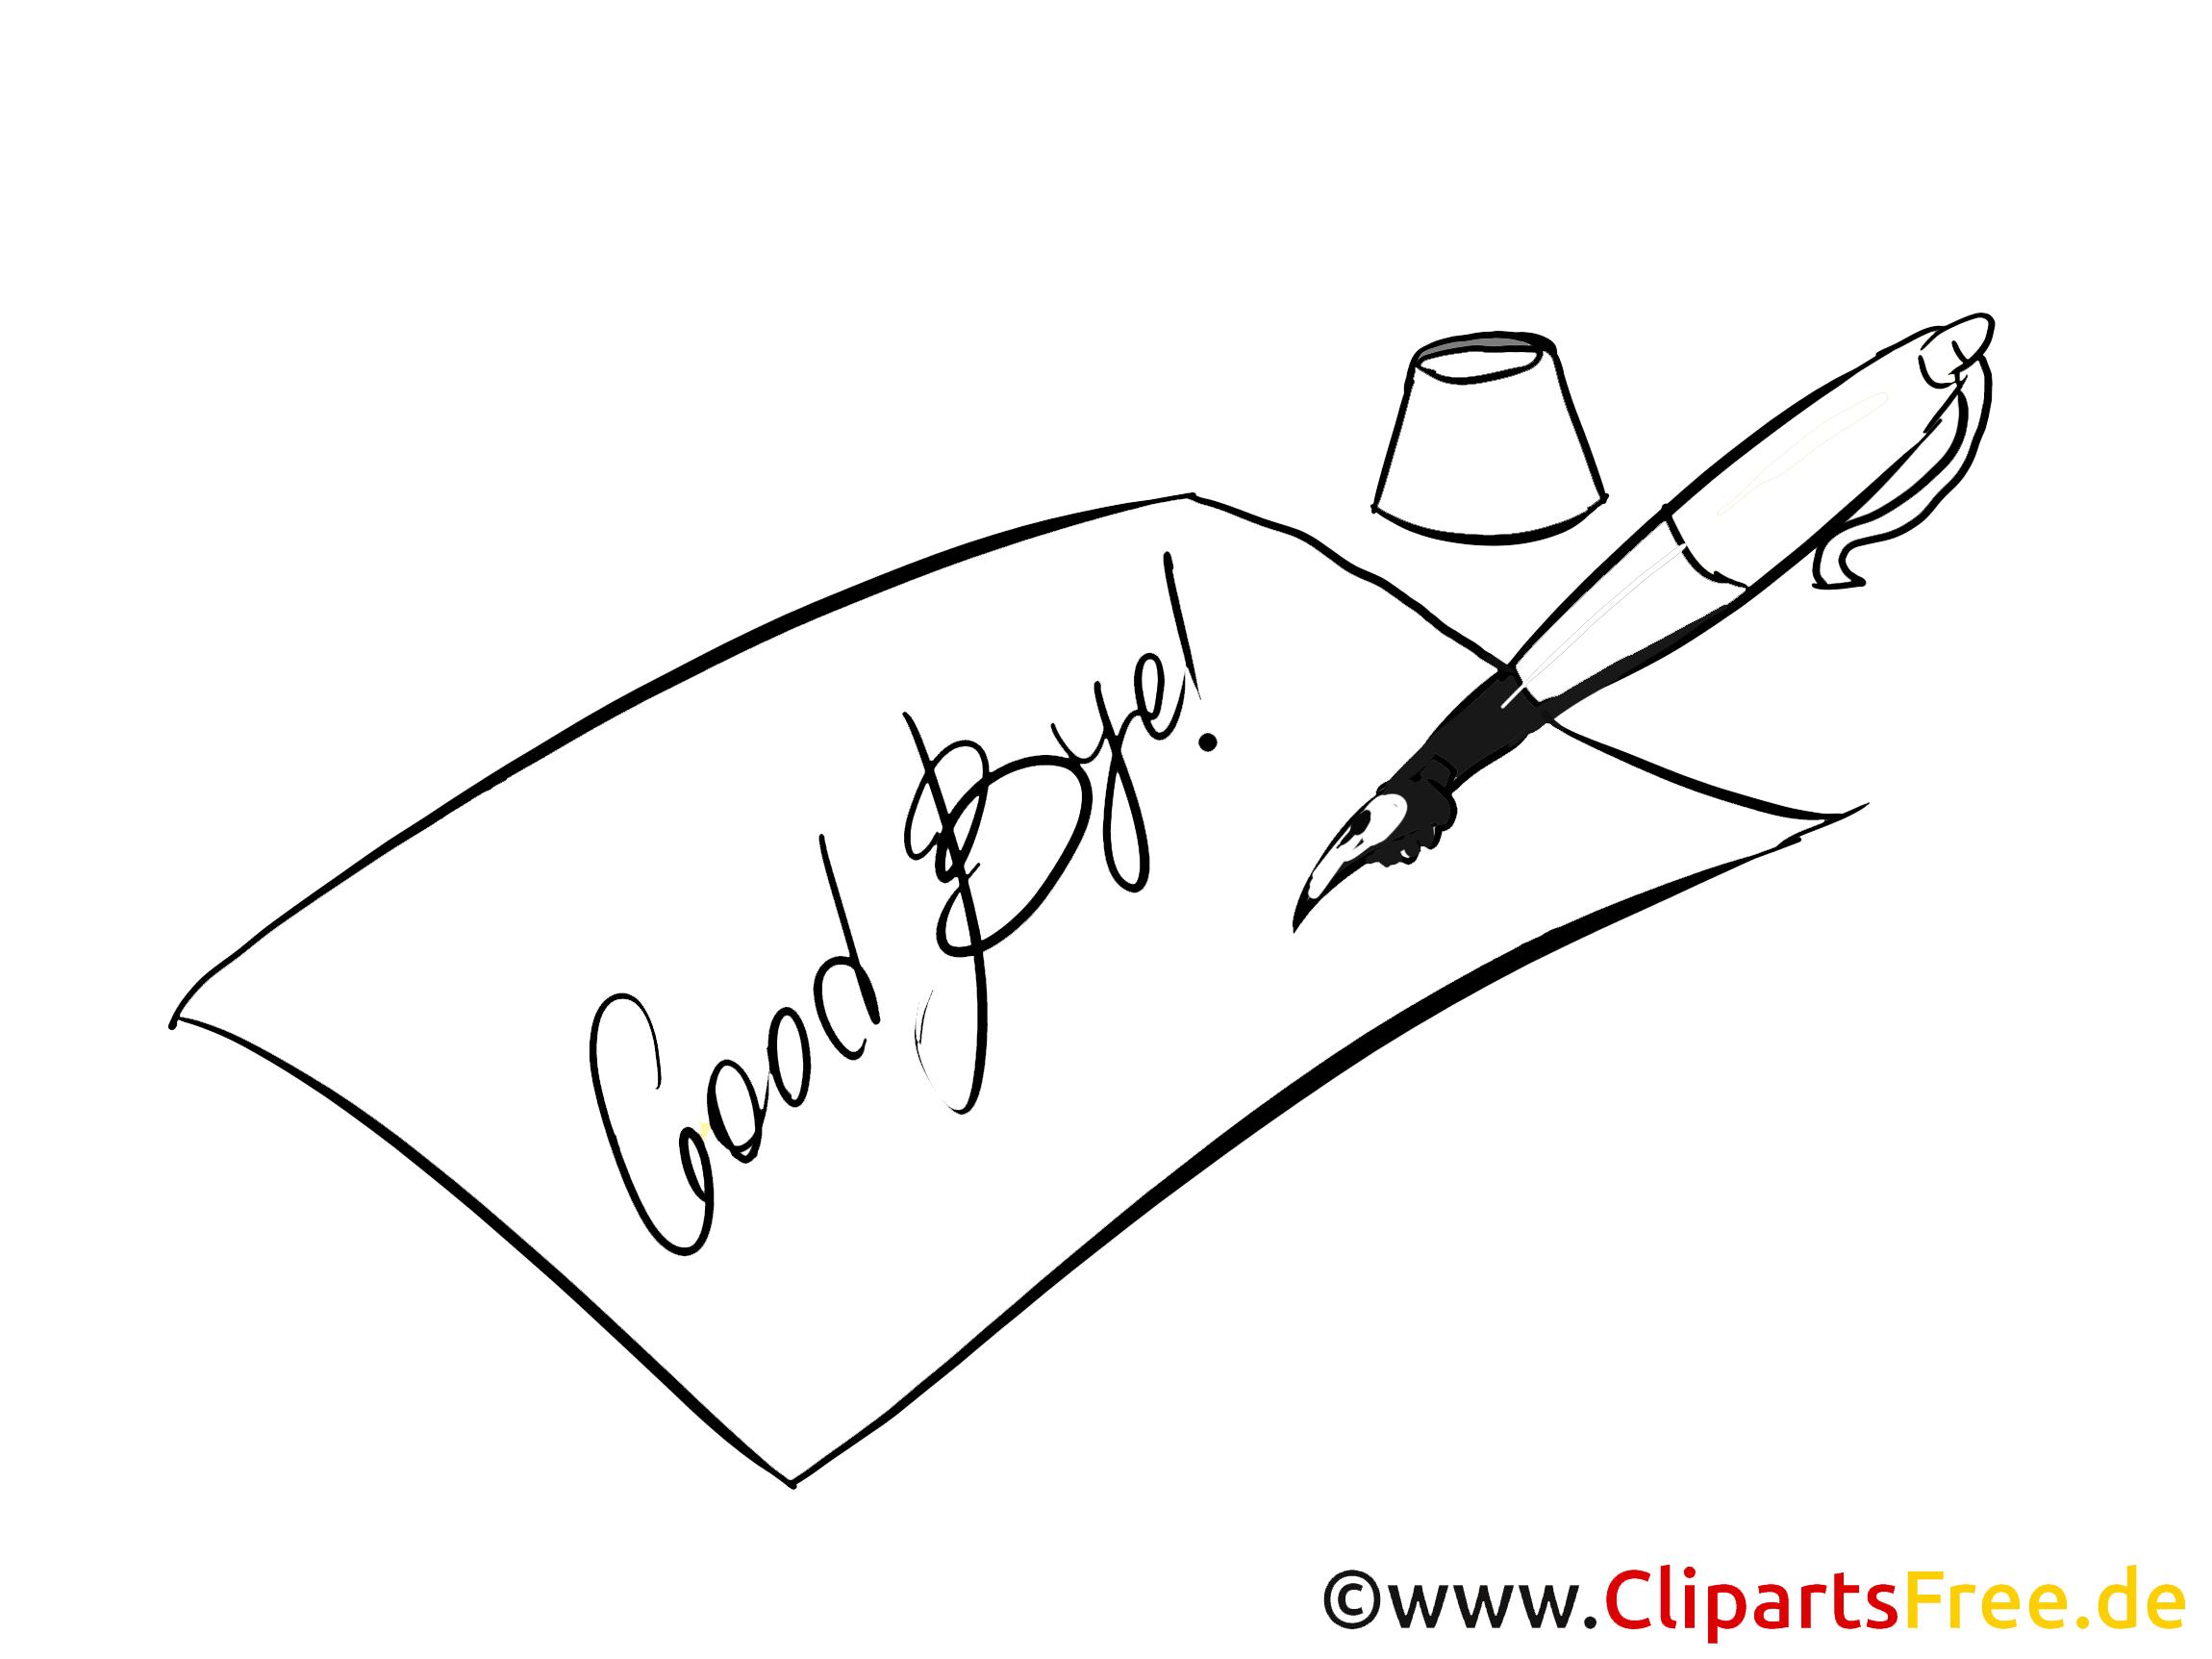 Lettre illustration à colorier - Adieu images